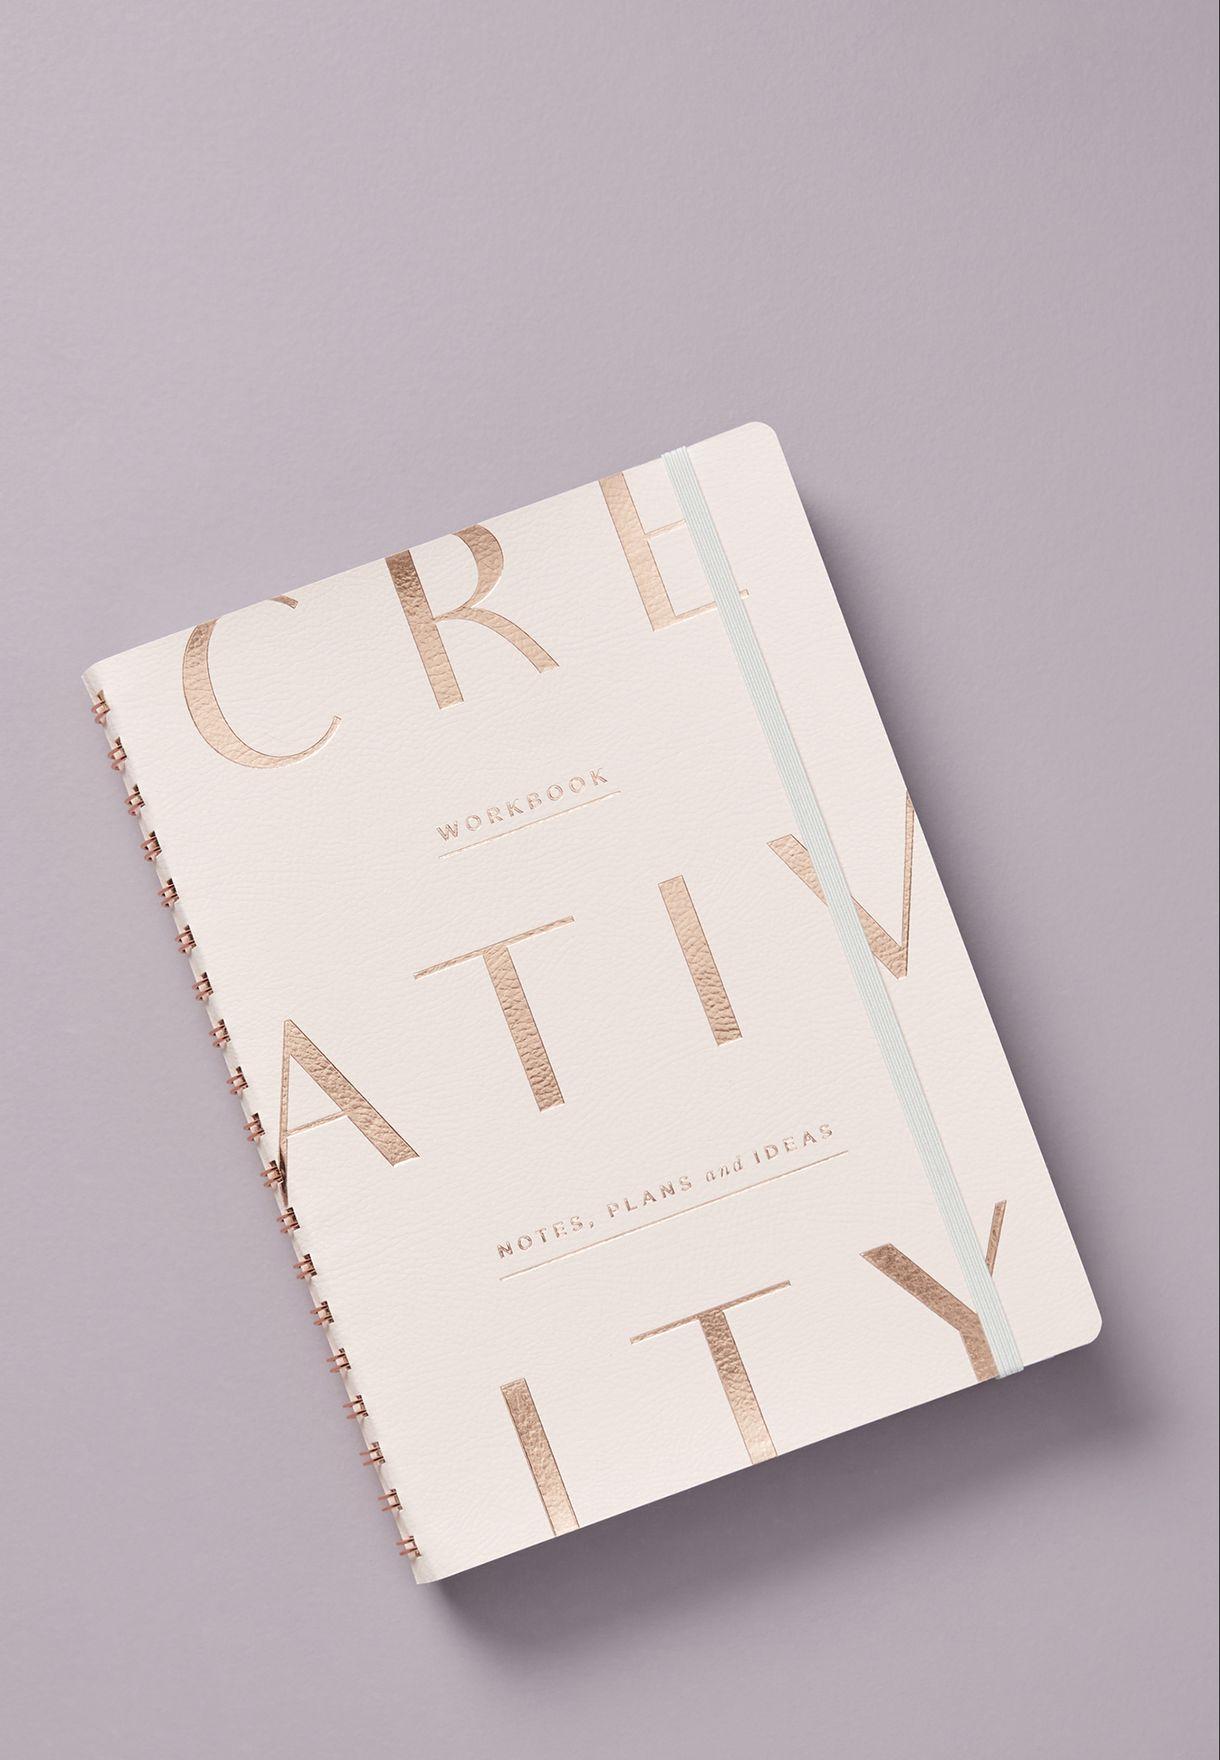 Creativity Journal Notebook